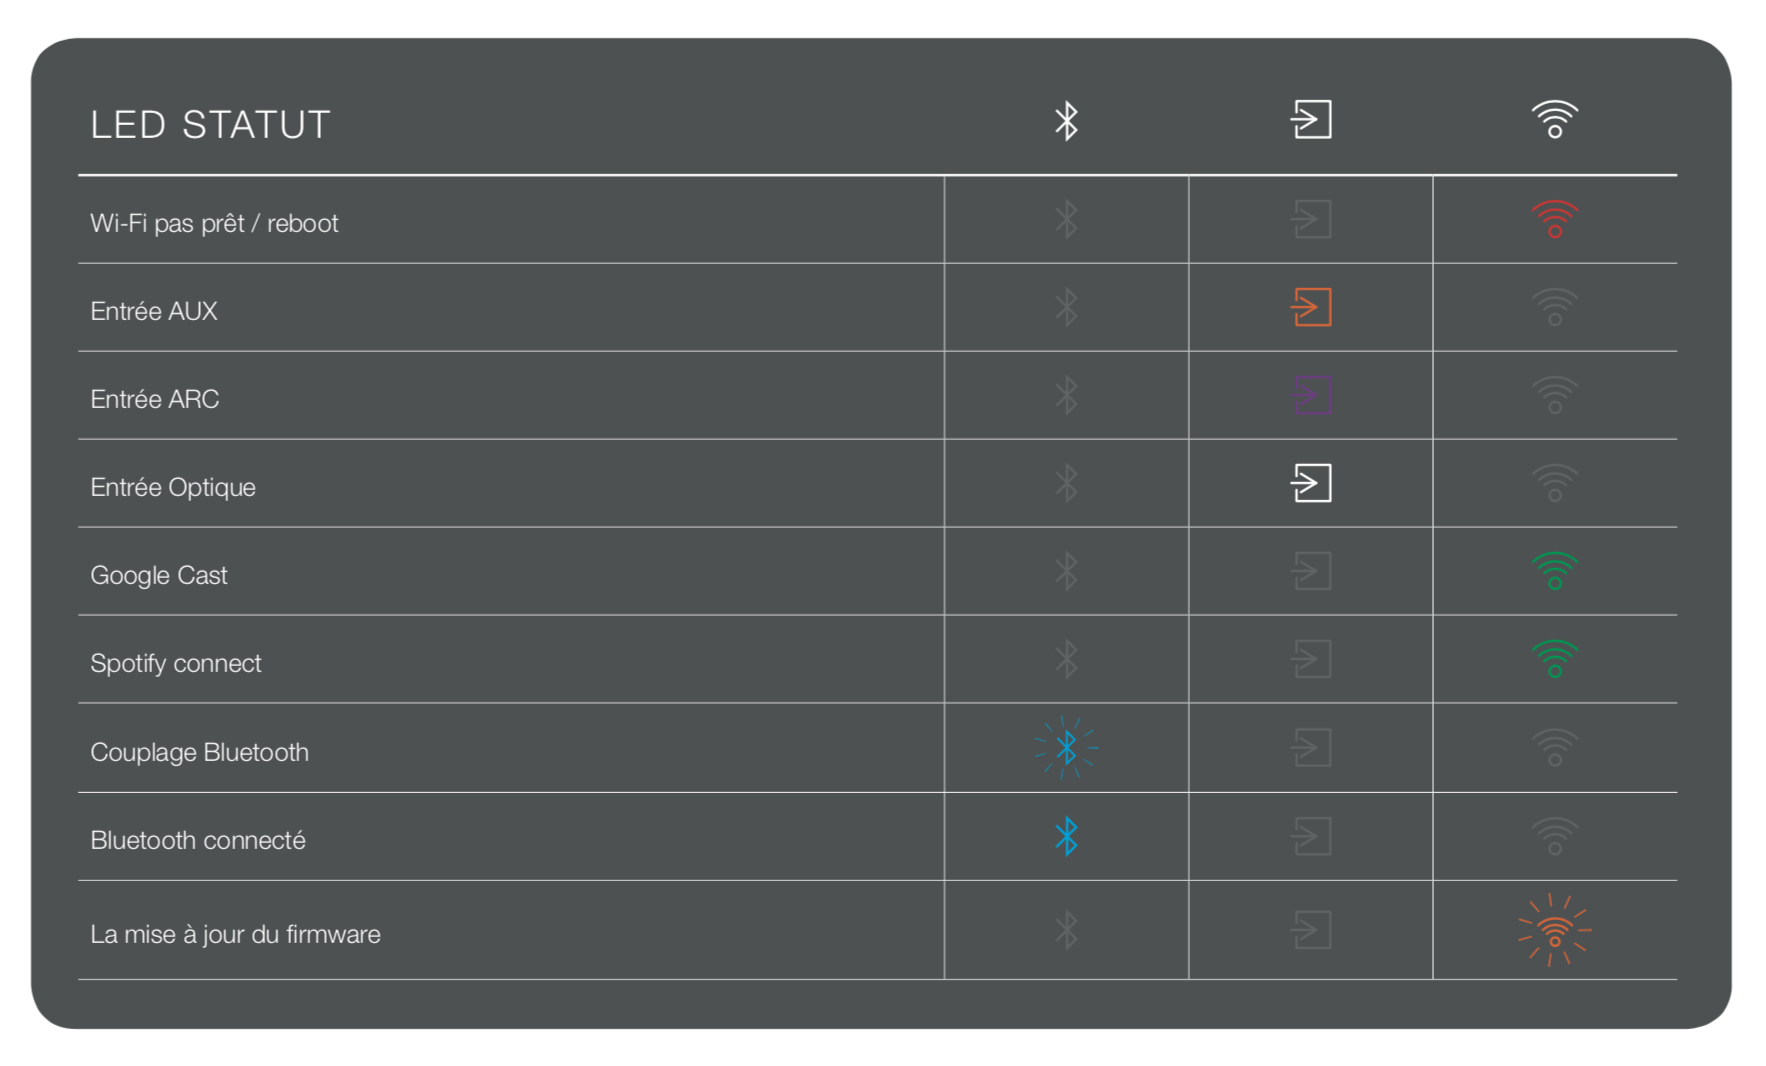 Ce tableau utile indique la correspondance entre les couleurs et les fonctions en cours.